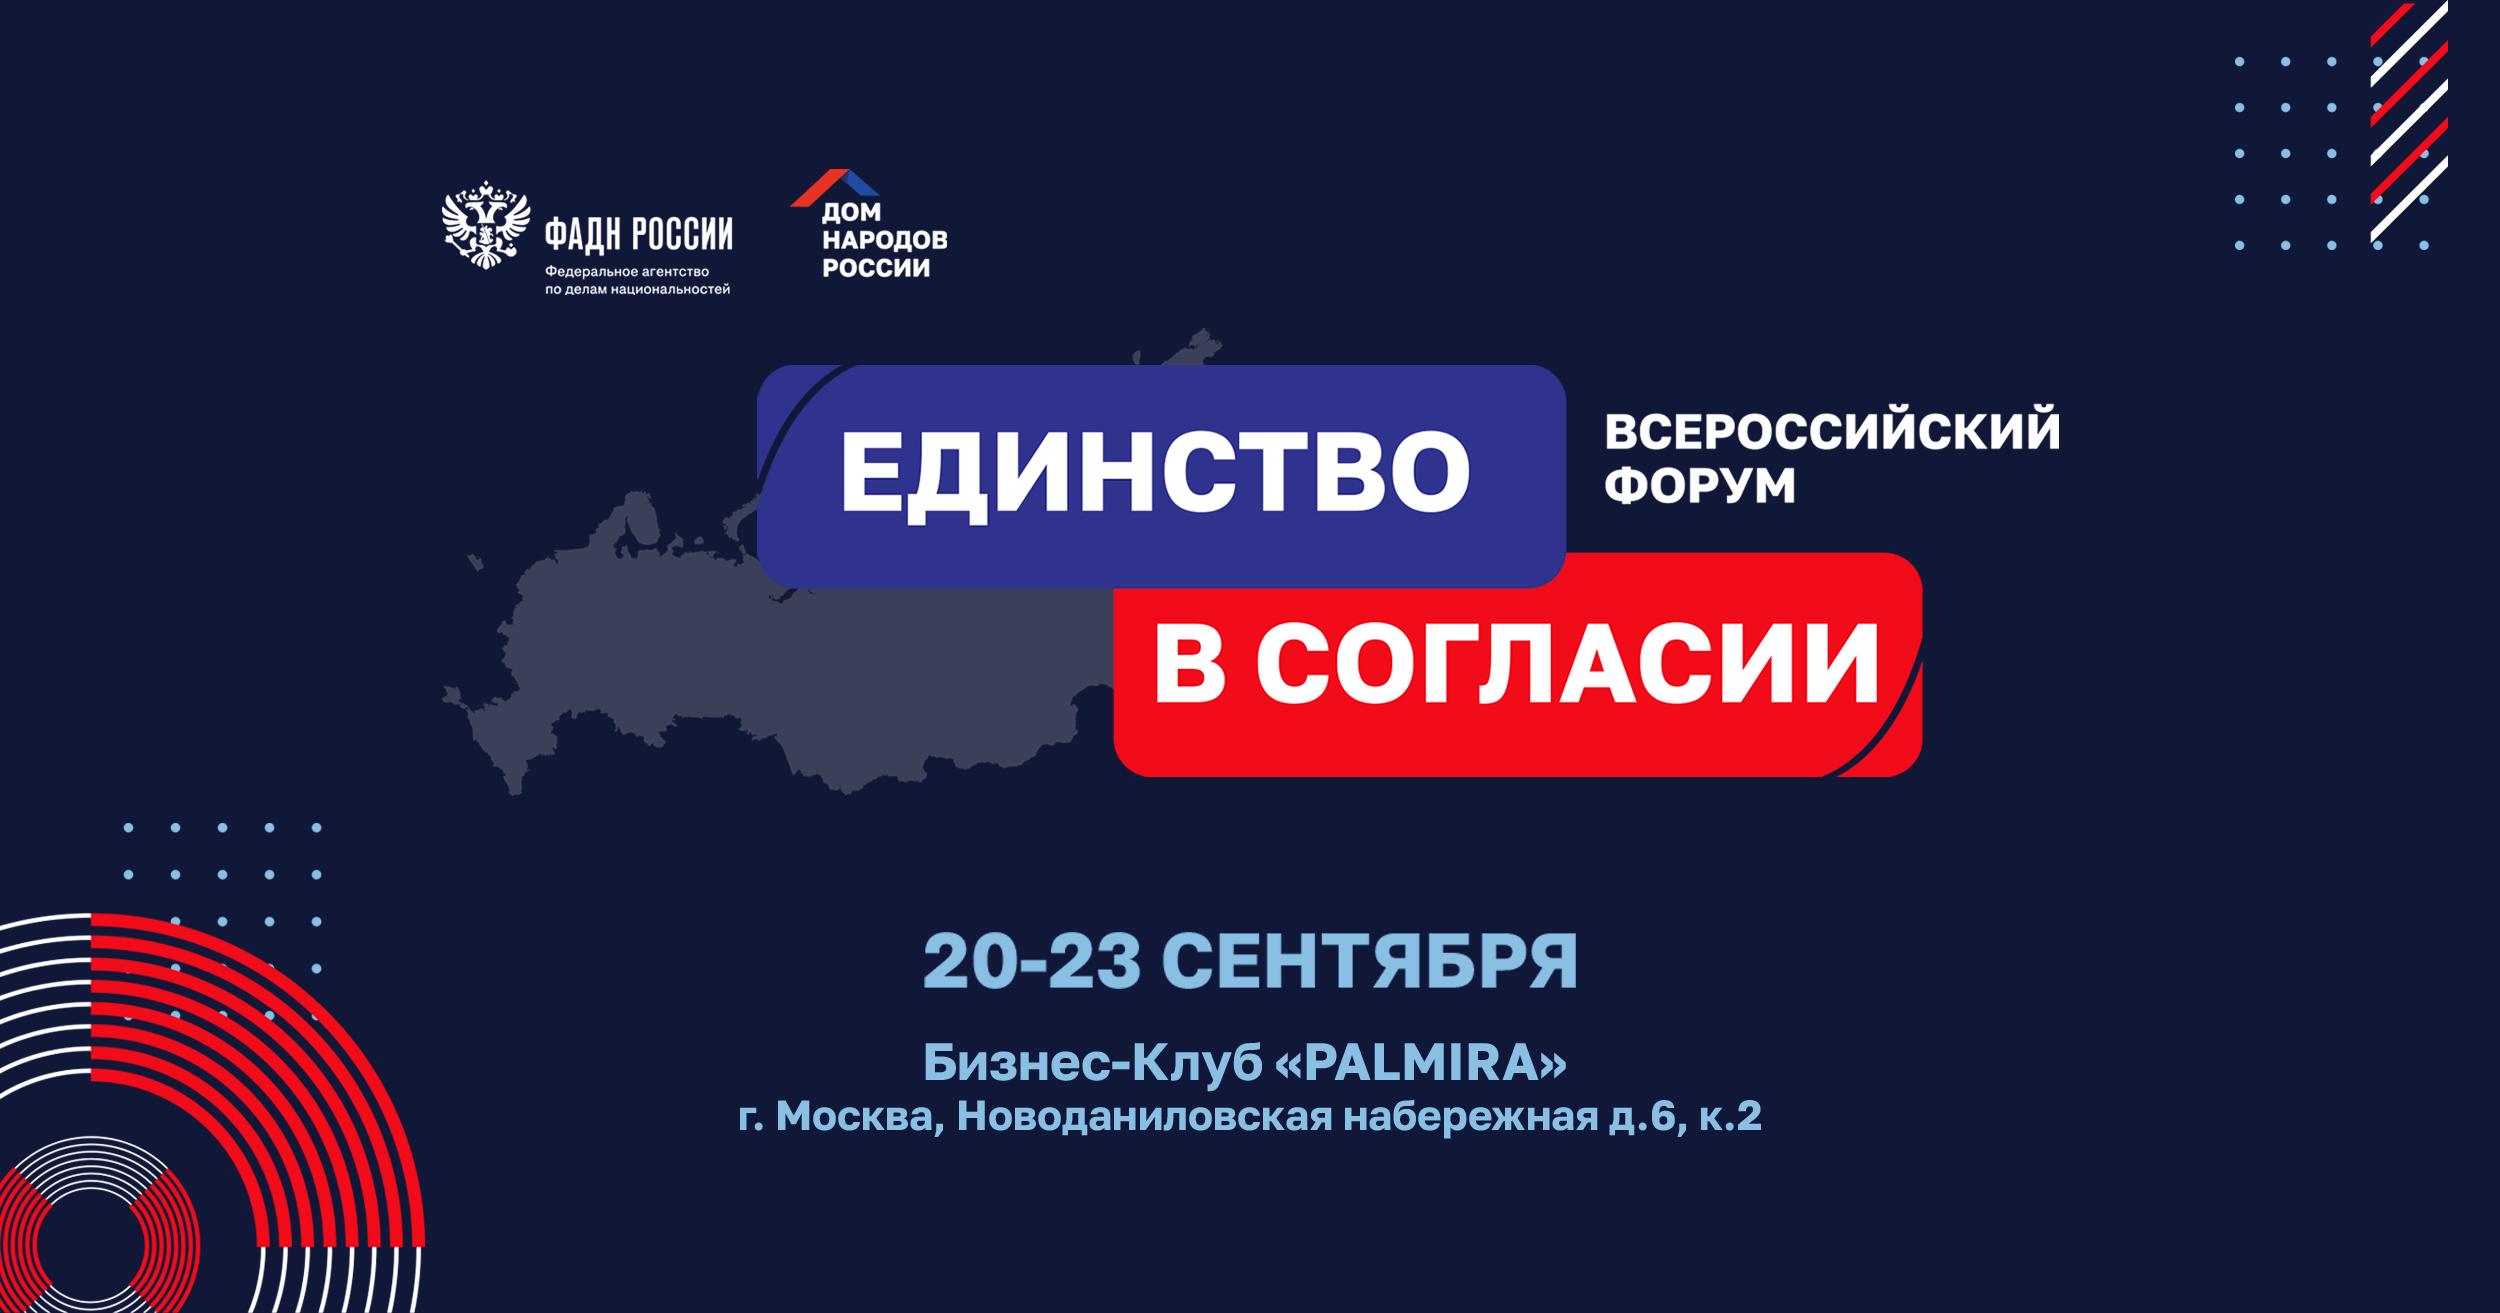 Дом дружбы принял участие во Всероссийском форуме «Единство в согласии»